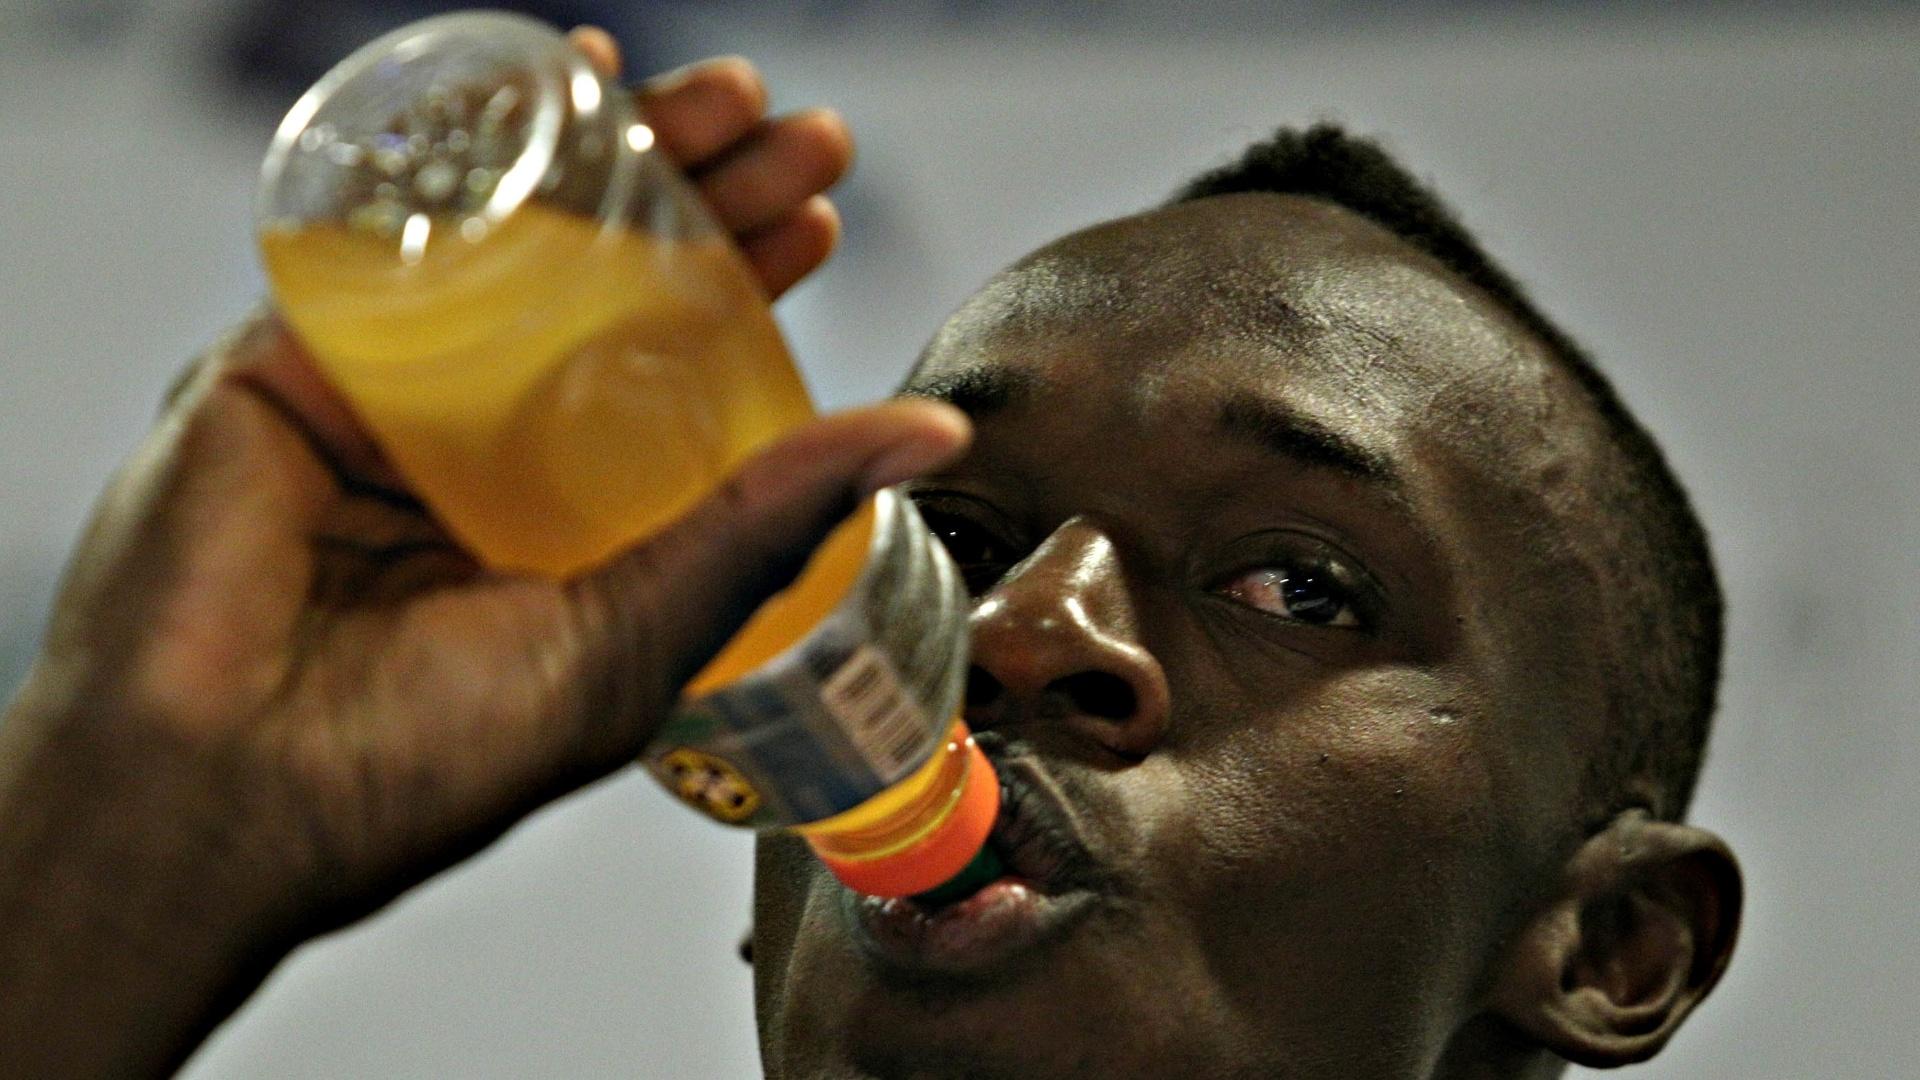 28.mar.2013 - Usain Bolt bebe isotônico de patrocinador durante coletiva no Rio de Janeiro, onde está para prova de 150 m, no próximo domingo, em Copacabana